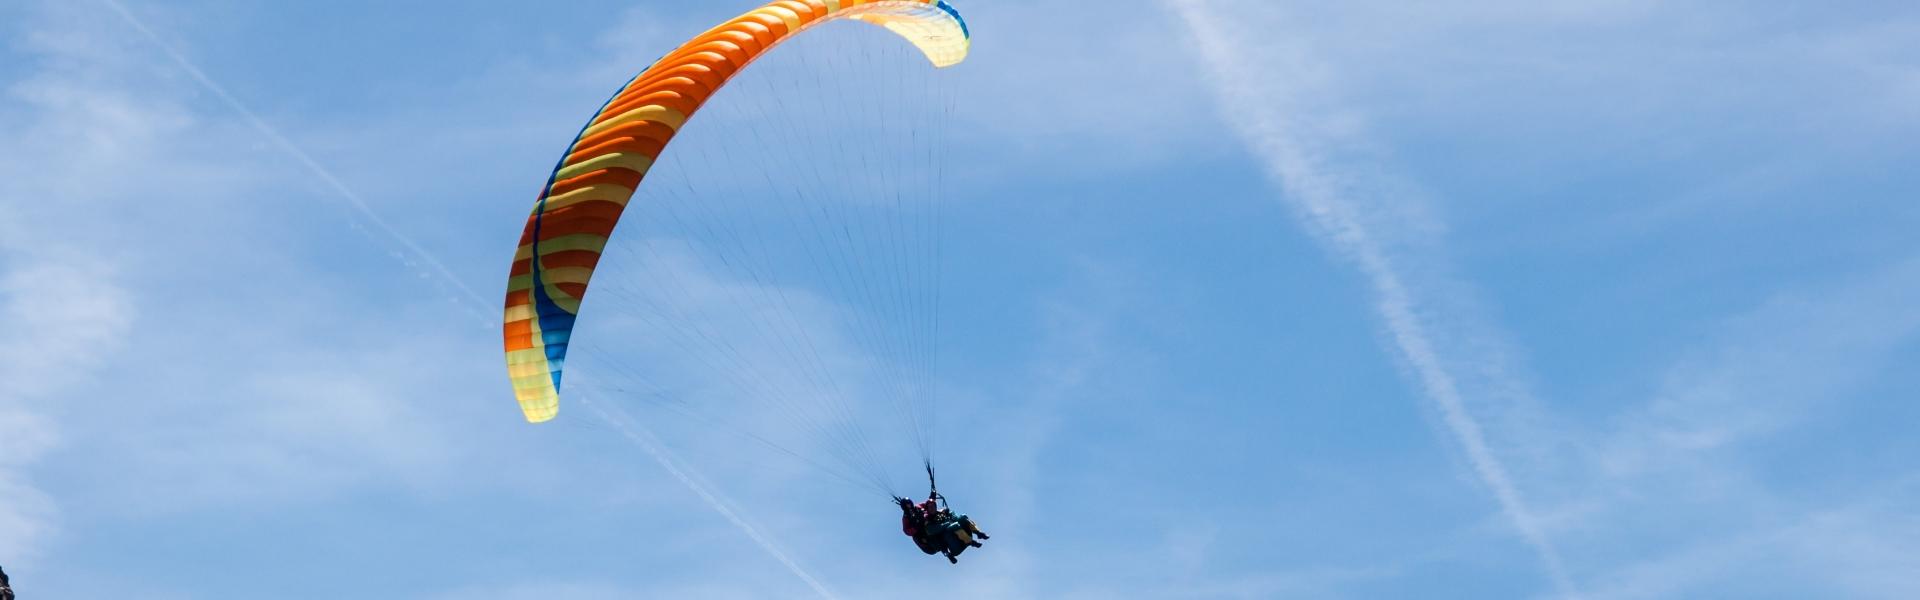 letenje s padalom v tandemu bovec